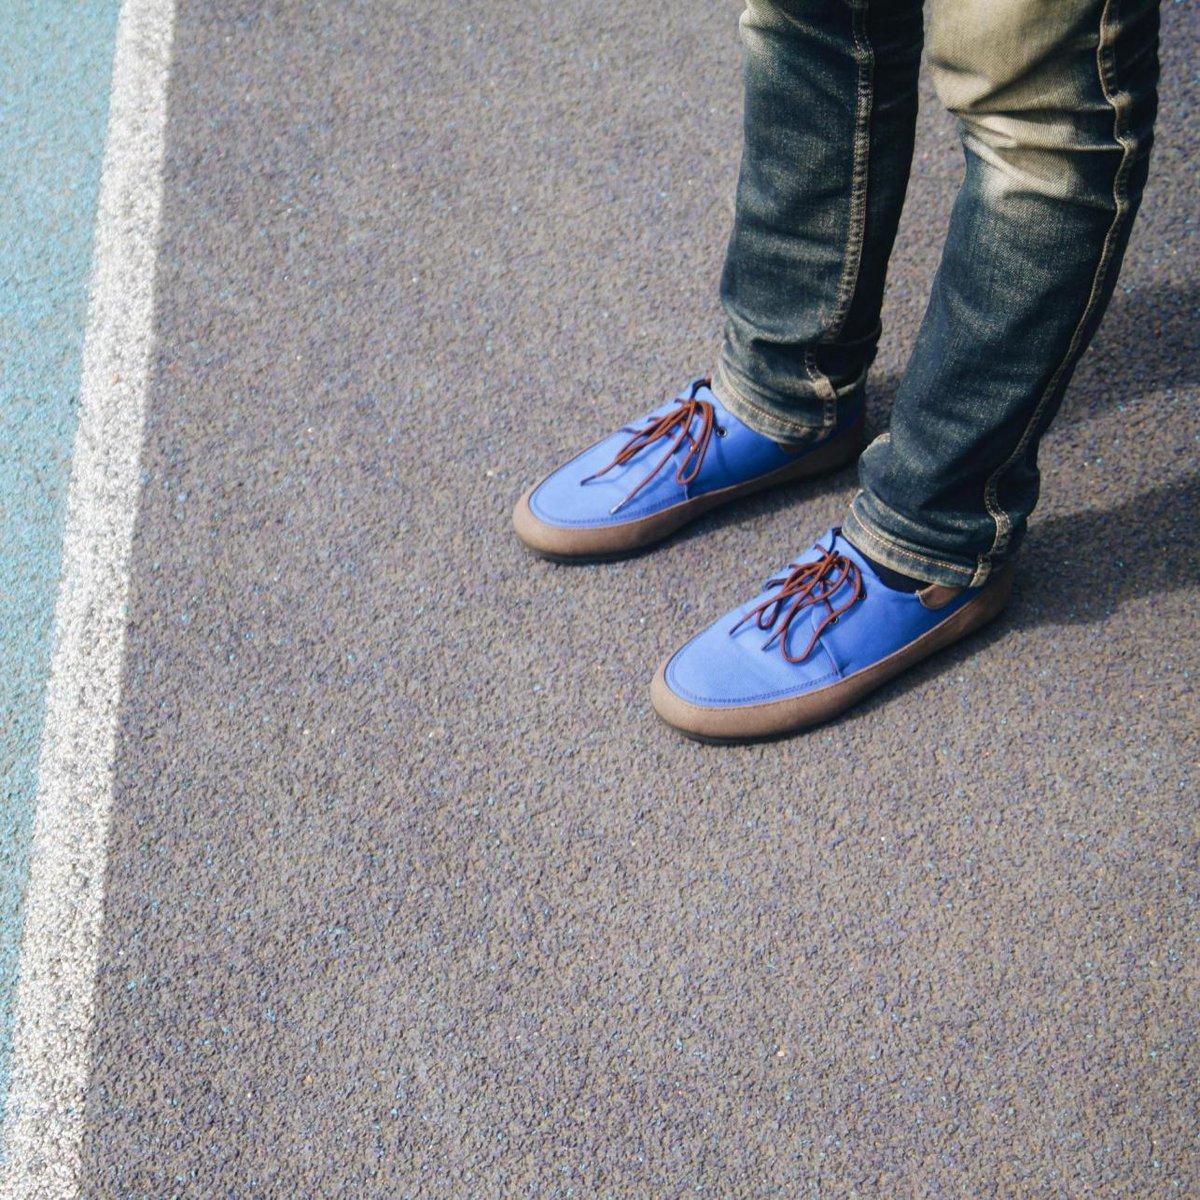 Headway Footwear On Twitter Flying Blue Sms 087809264540 44 Sign Brown Wa 081296905830 Line Headwayfootwear2 Bbm 7c494d7b Instagram Headwayfootwear